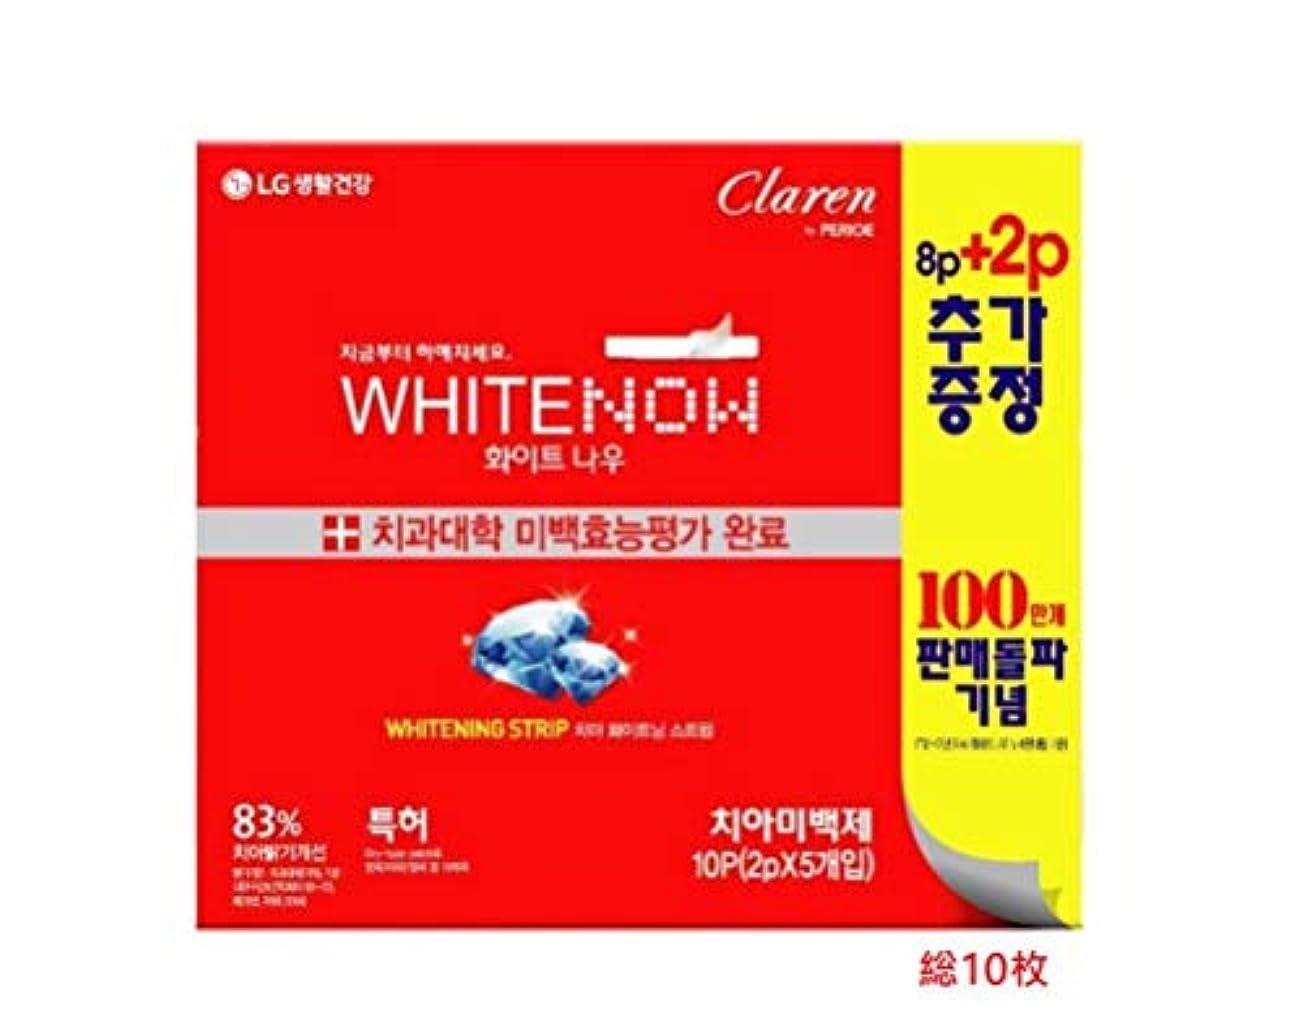 と説得ブロックするLG生活健康 ☆ホワイトナウ ホワイトニング ストリップ(10枚入り)(歯ビハクステッカー) / White Now Whitening Strip 10pcs [並行輸入品]